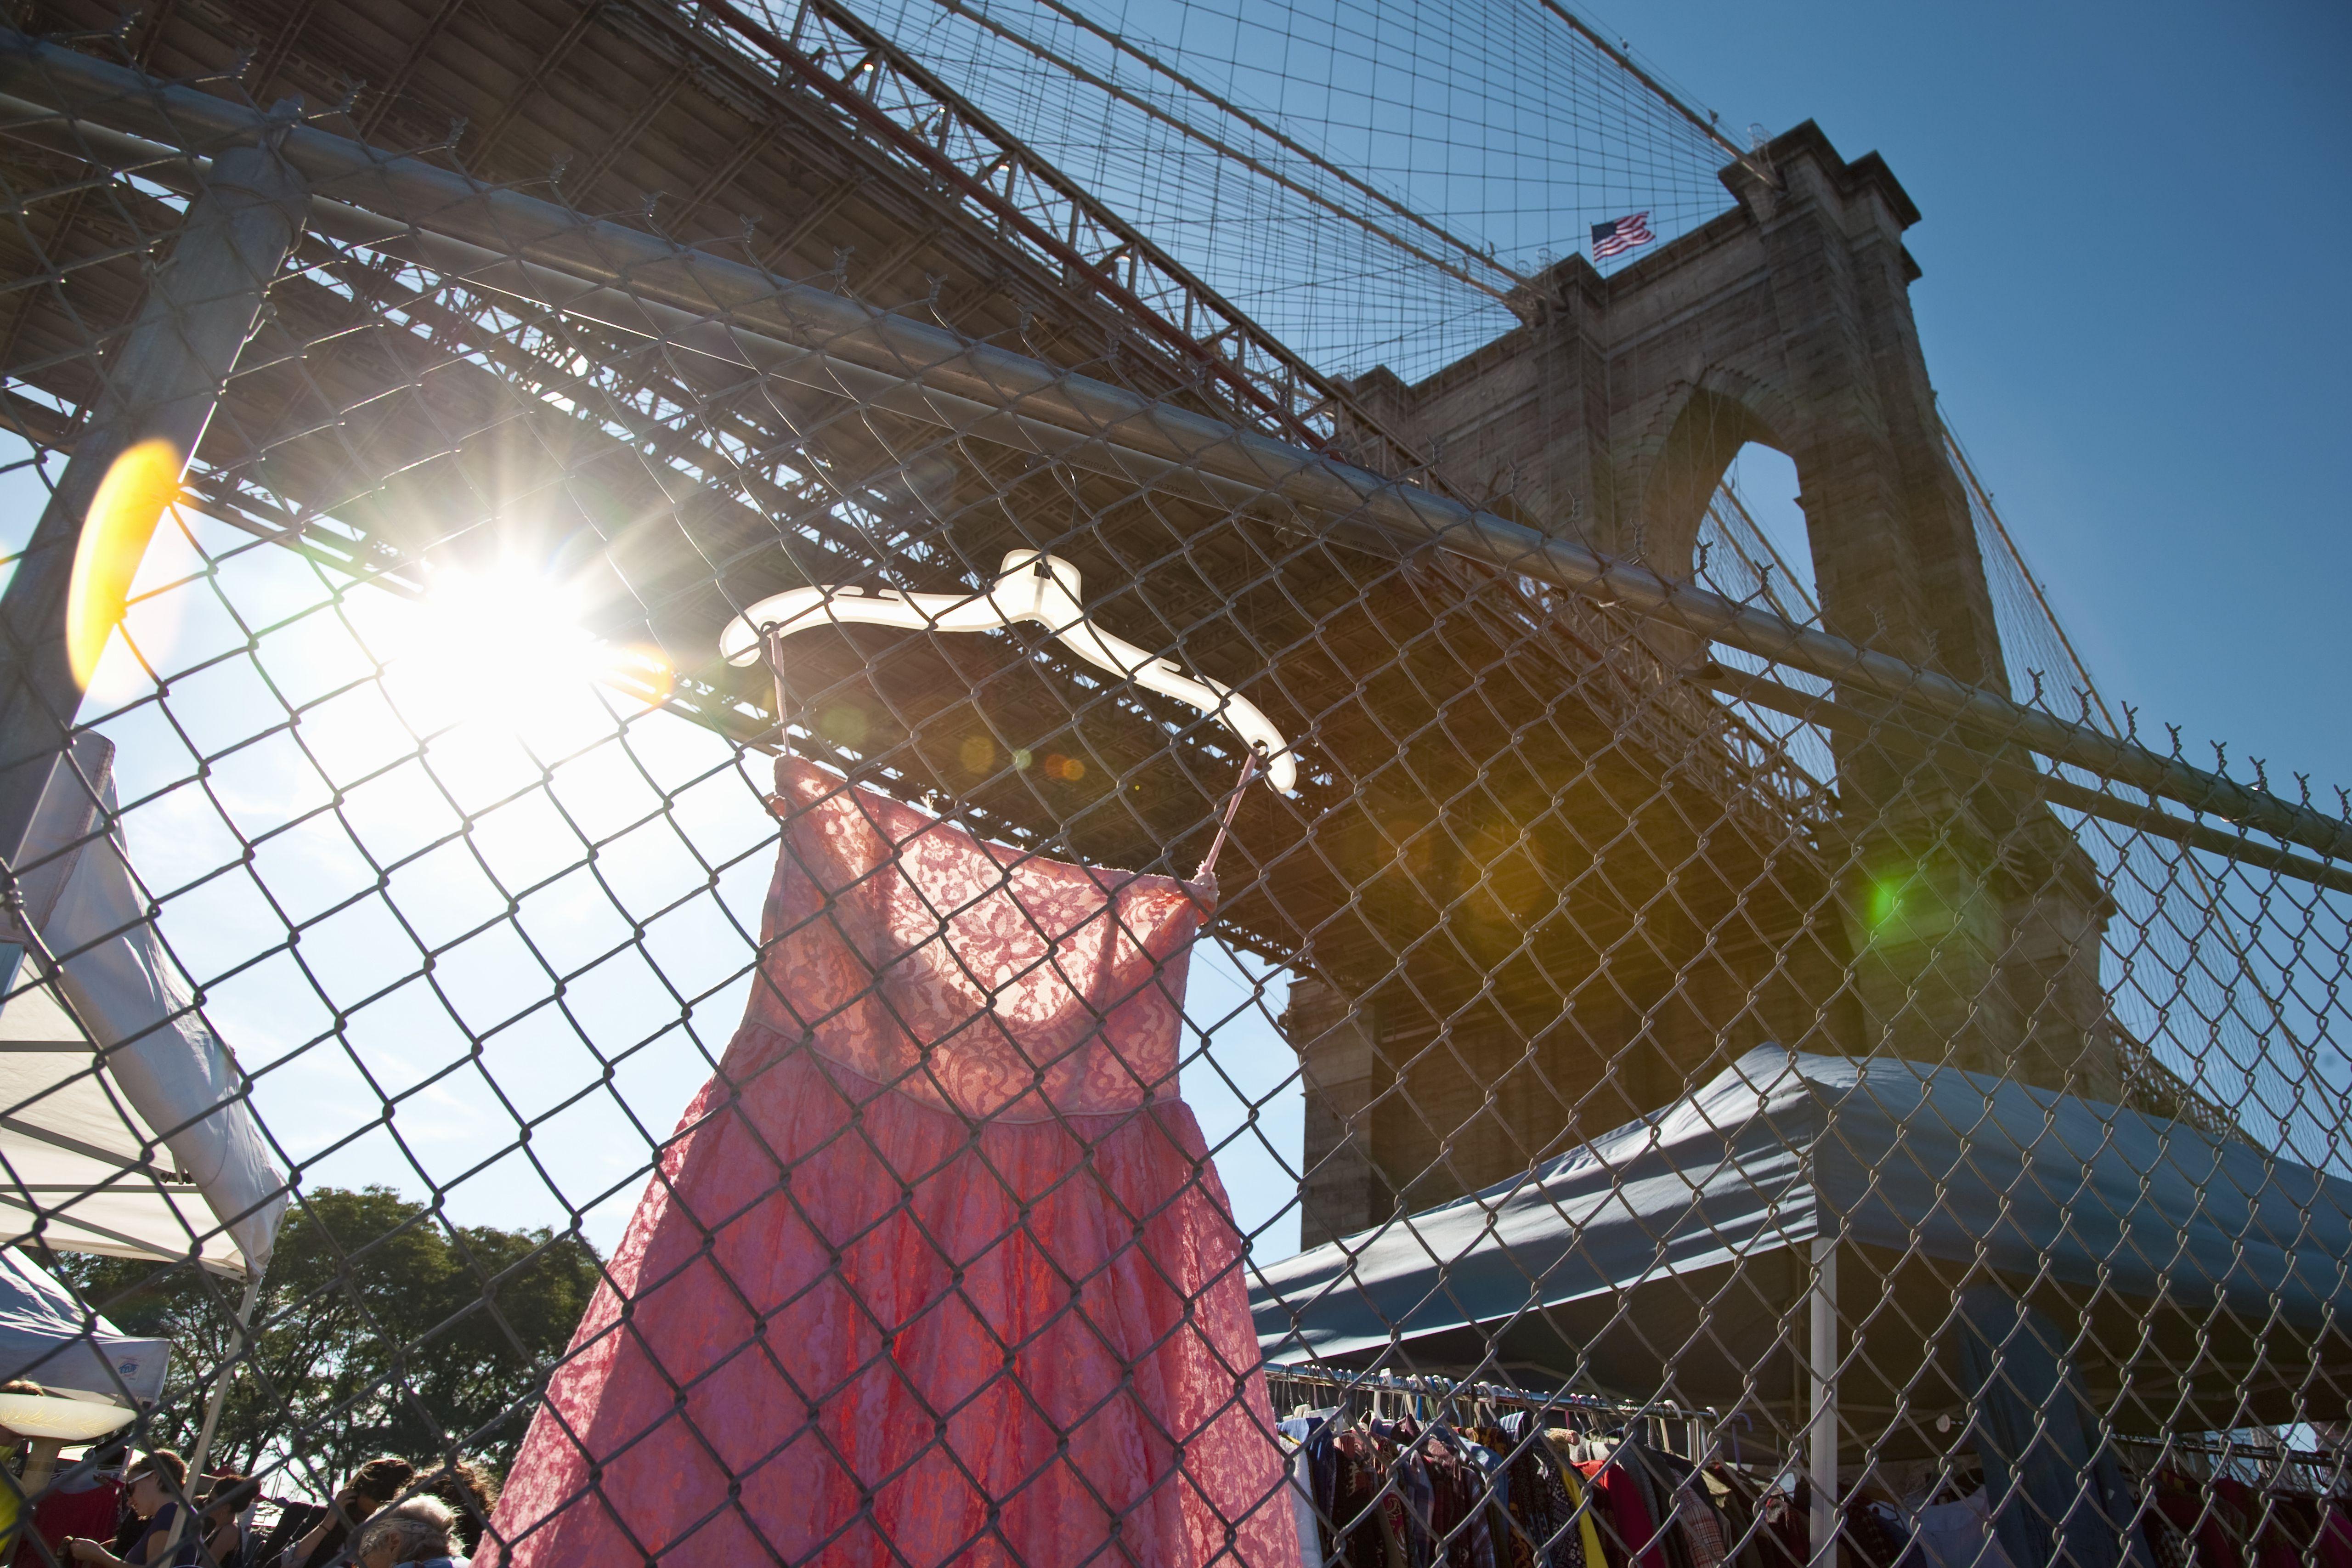 Brooklyn bridge flea market